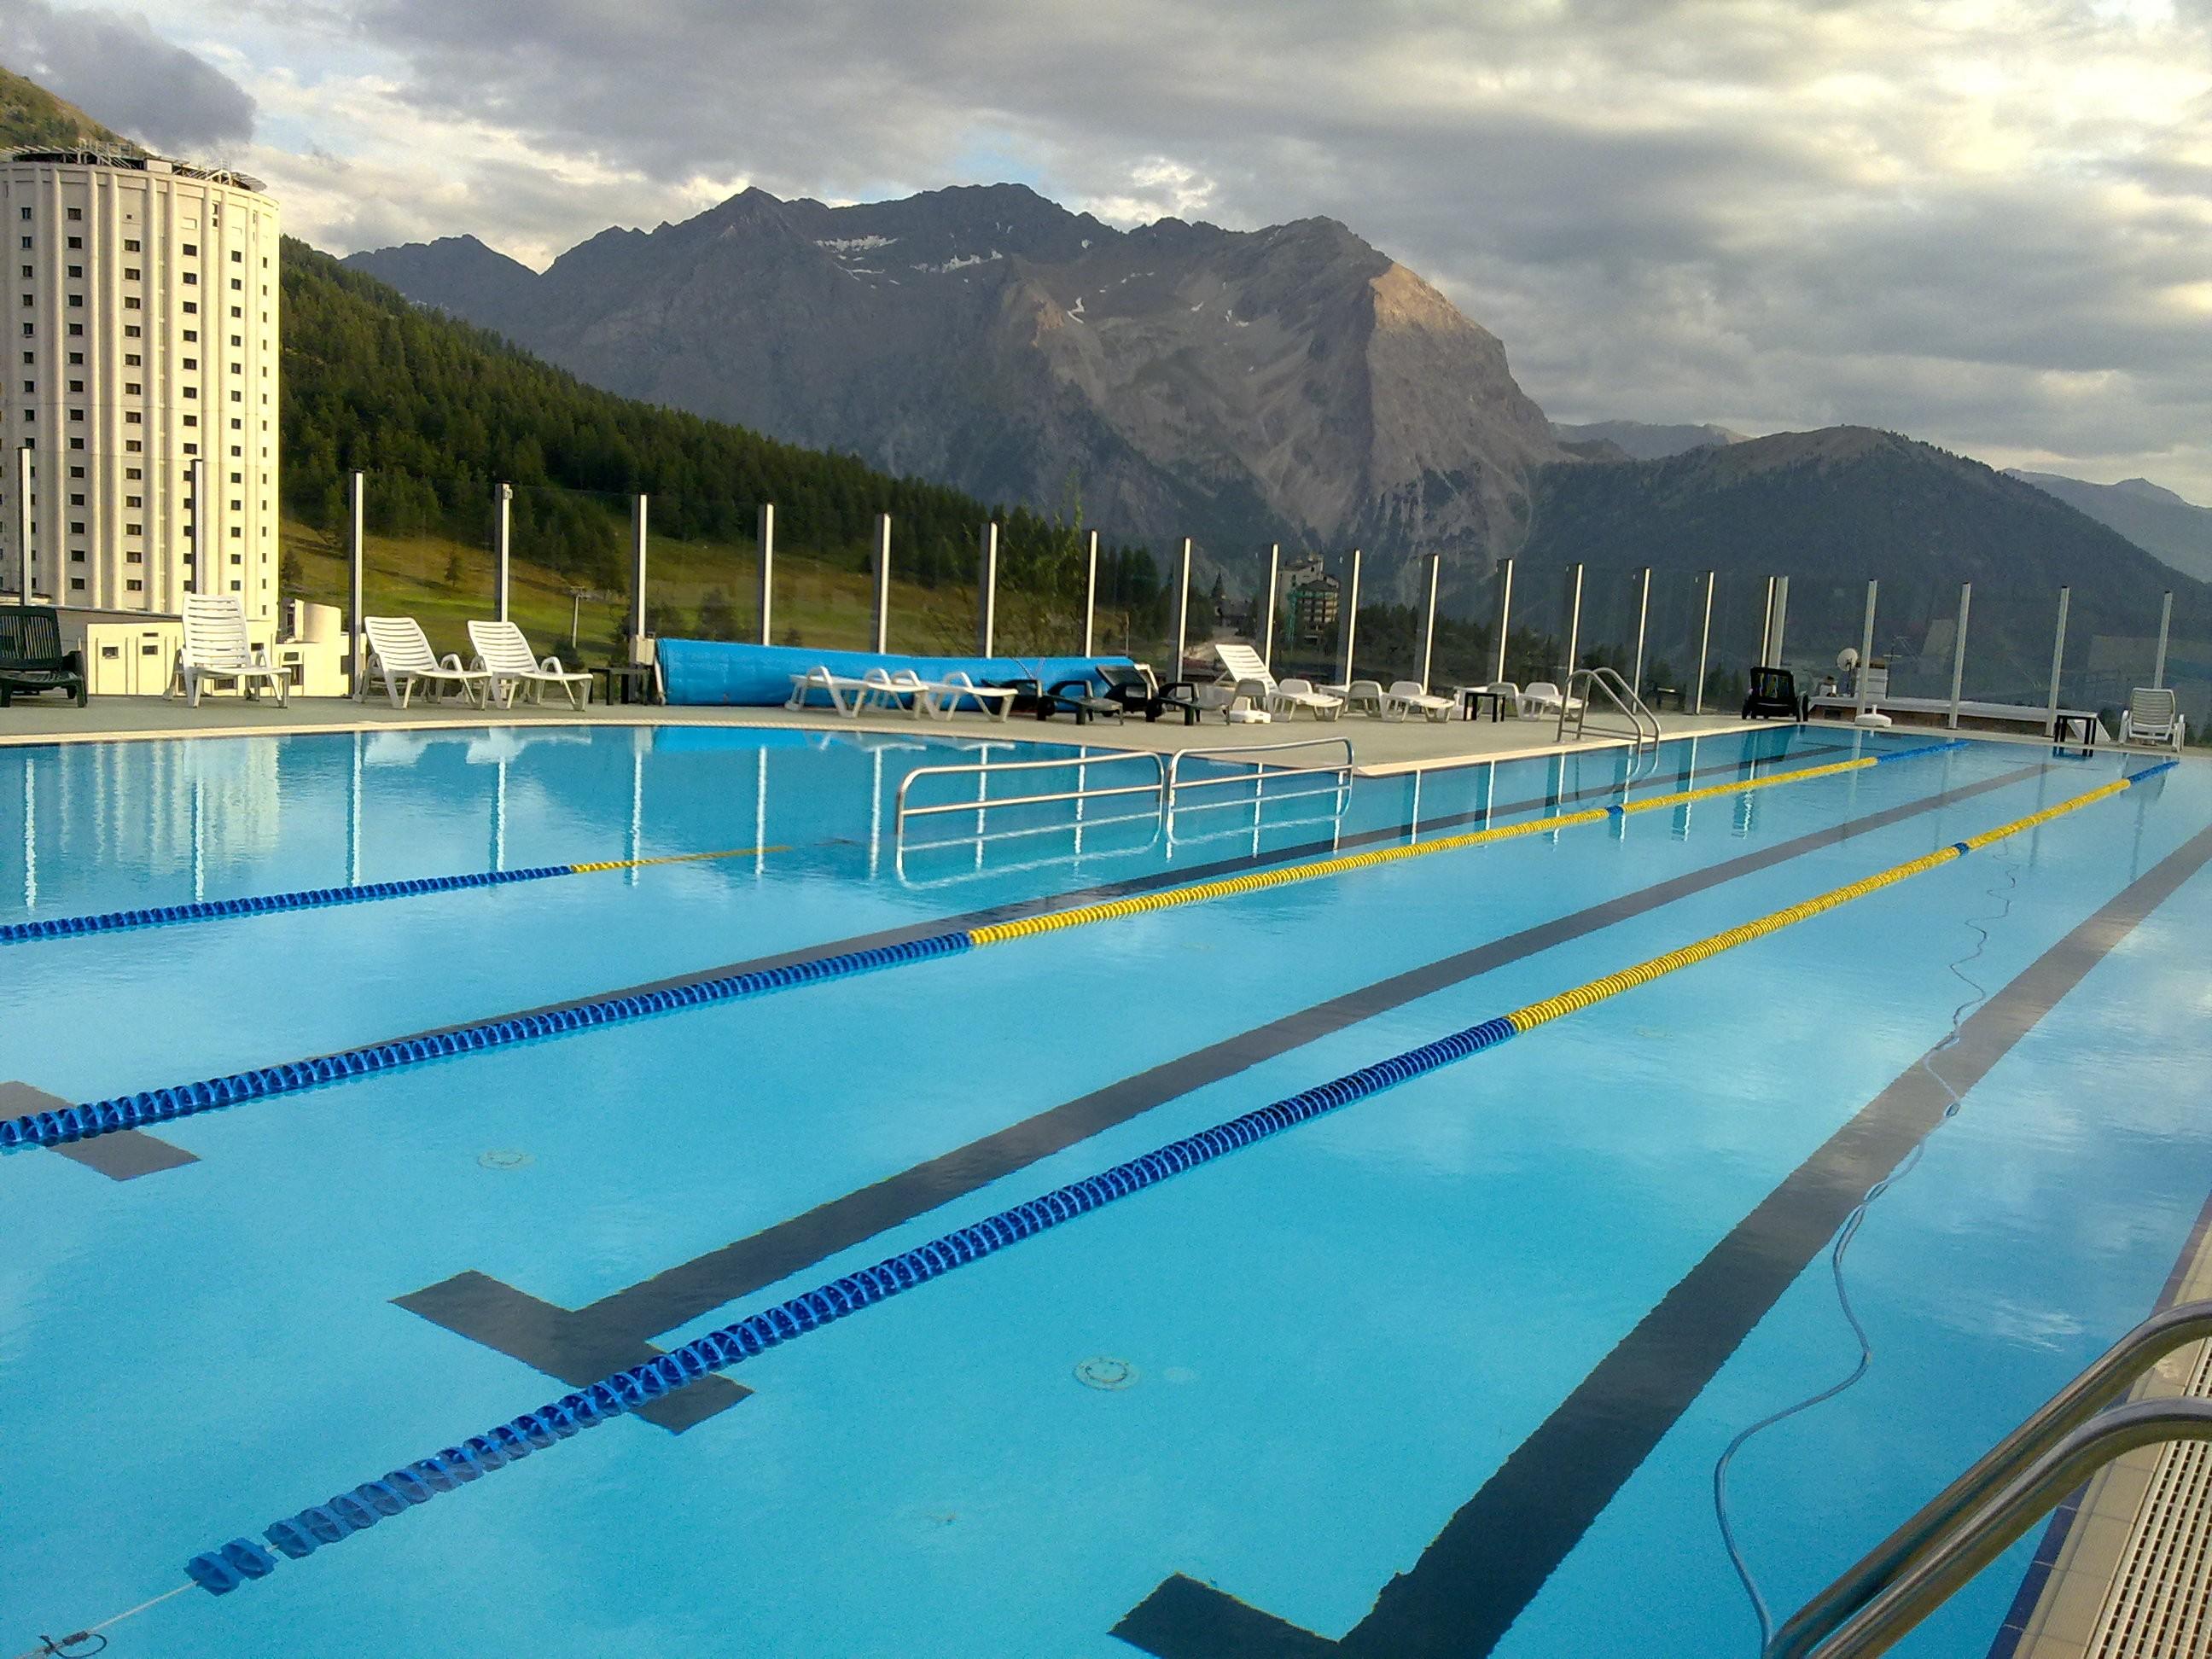 Orario estivo per la piscina di sestriere - Immagini di piscina ...